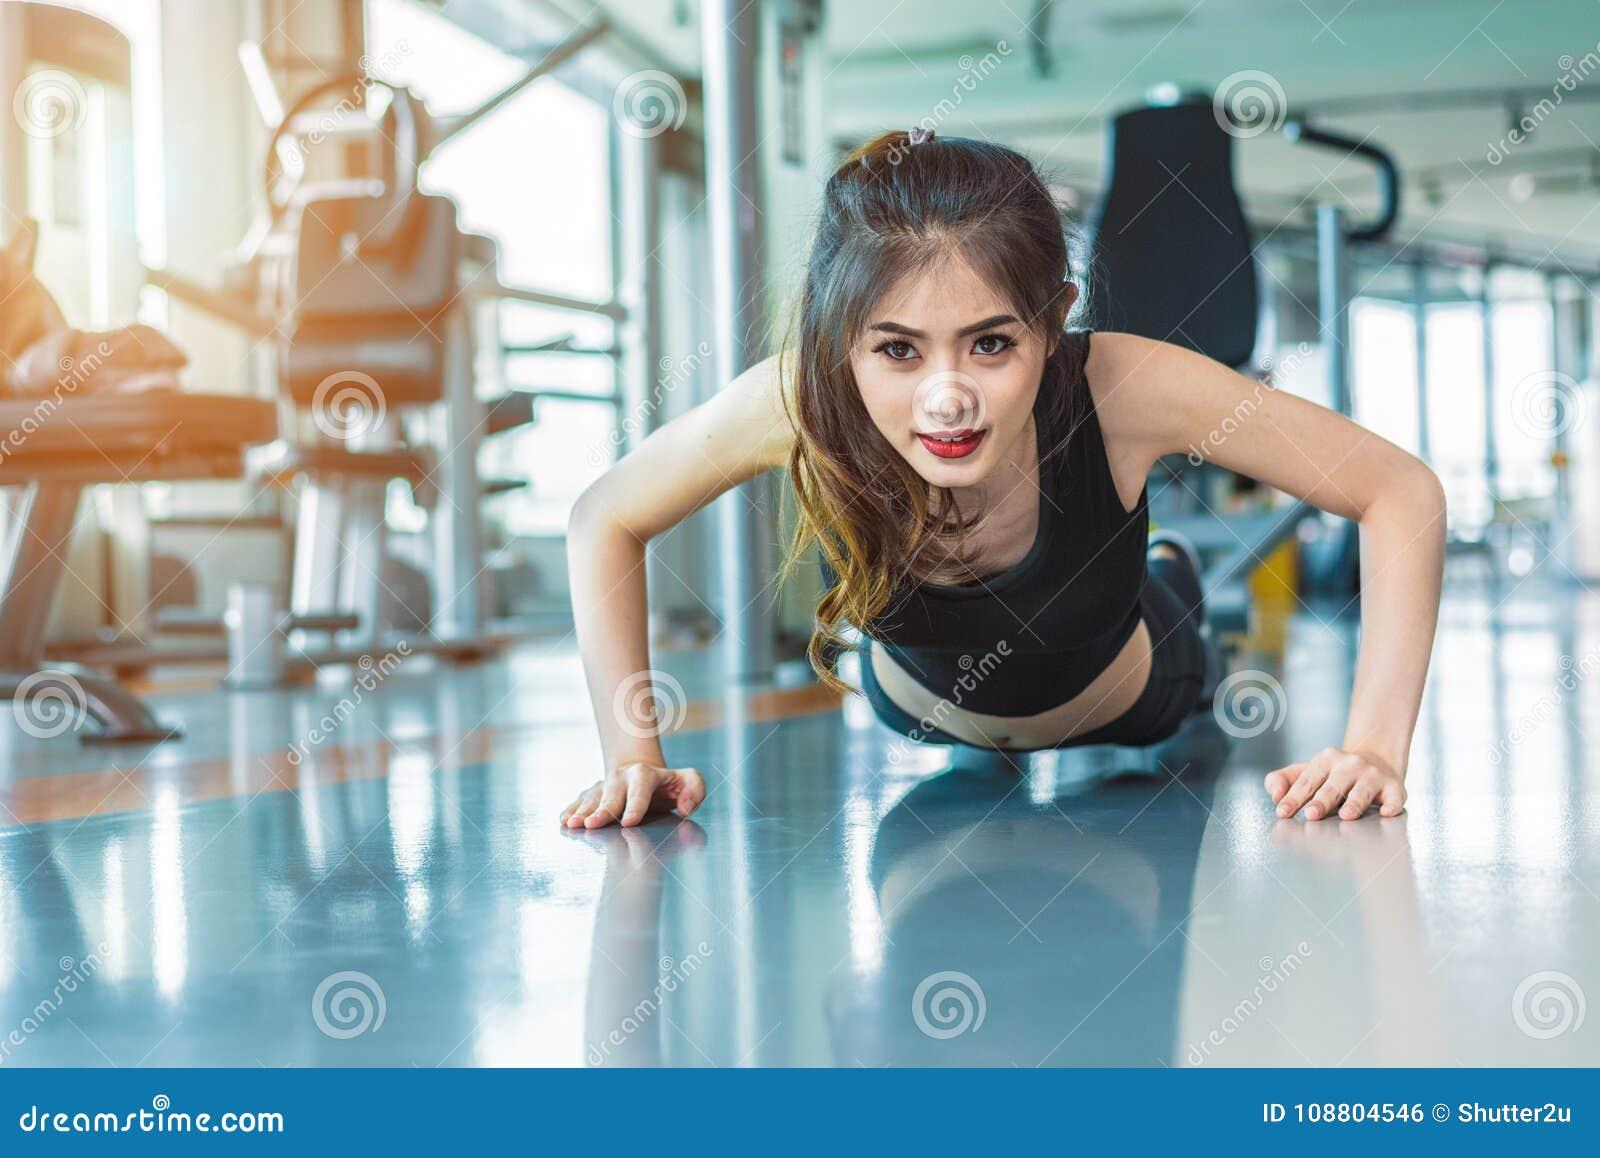 Το ασιατικό κορίτσι ικανότητας γυναικών κάνει την ώθηση UPS στη γυμναστική ικανότητας Healthca